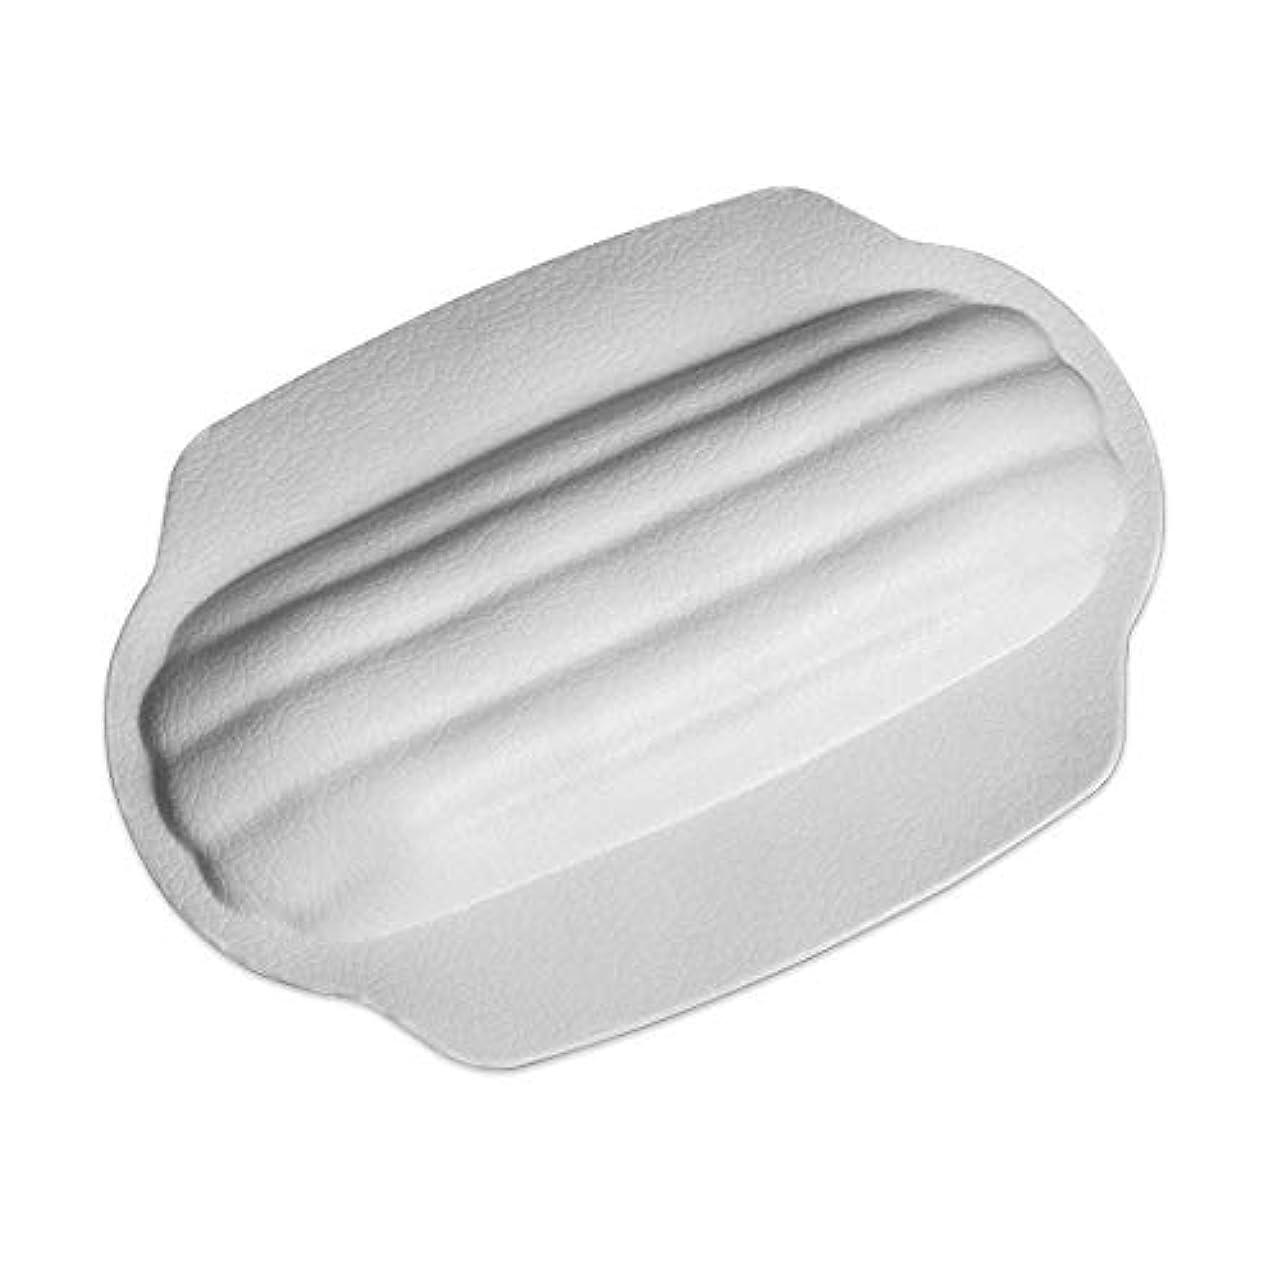 周波数コンパイルスープサクションカップ付き防水滑り止めスパ枕厚めユニバーサルバスタブ枕バスタブと抗菌性